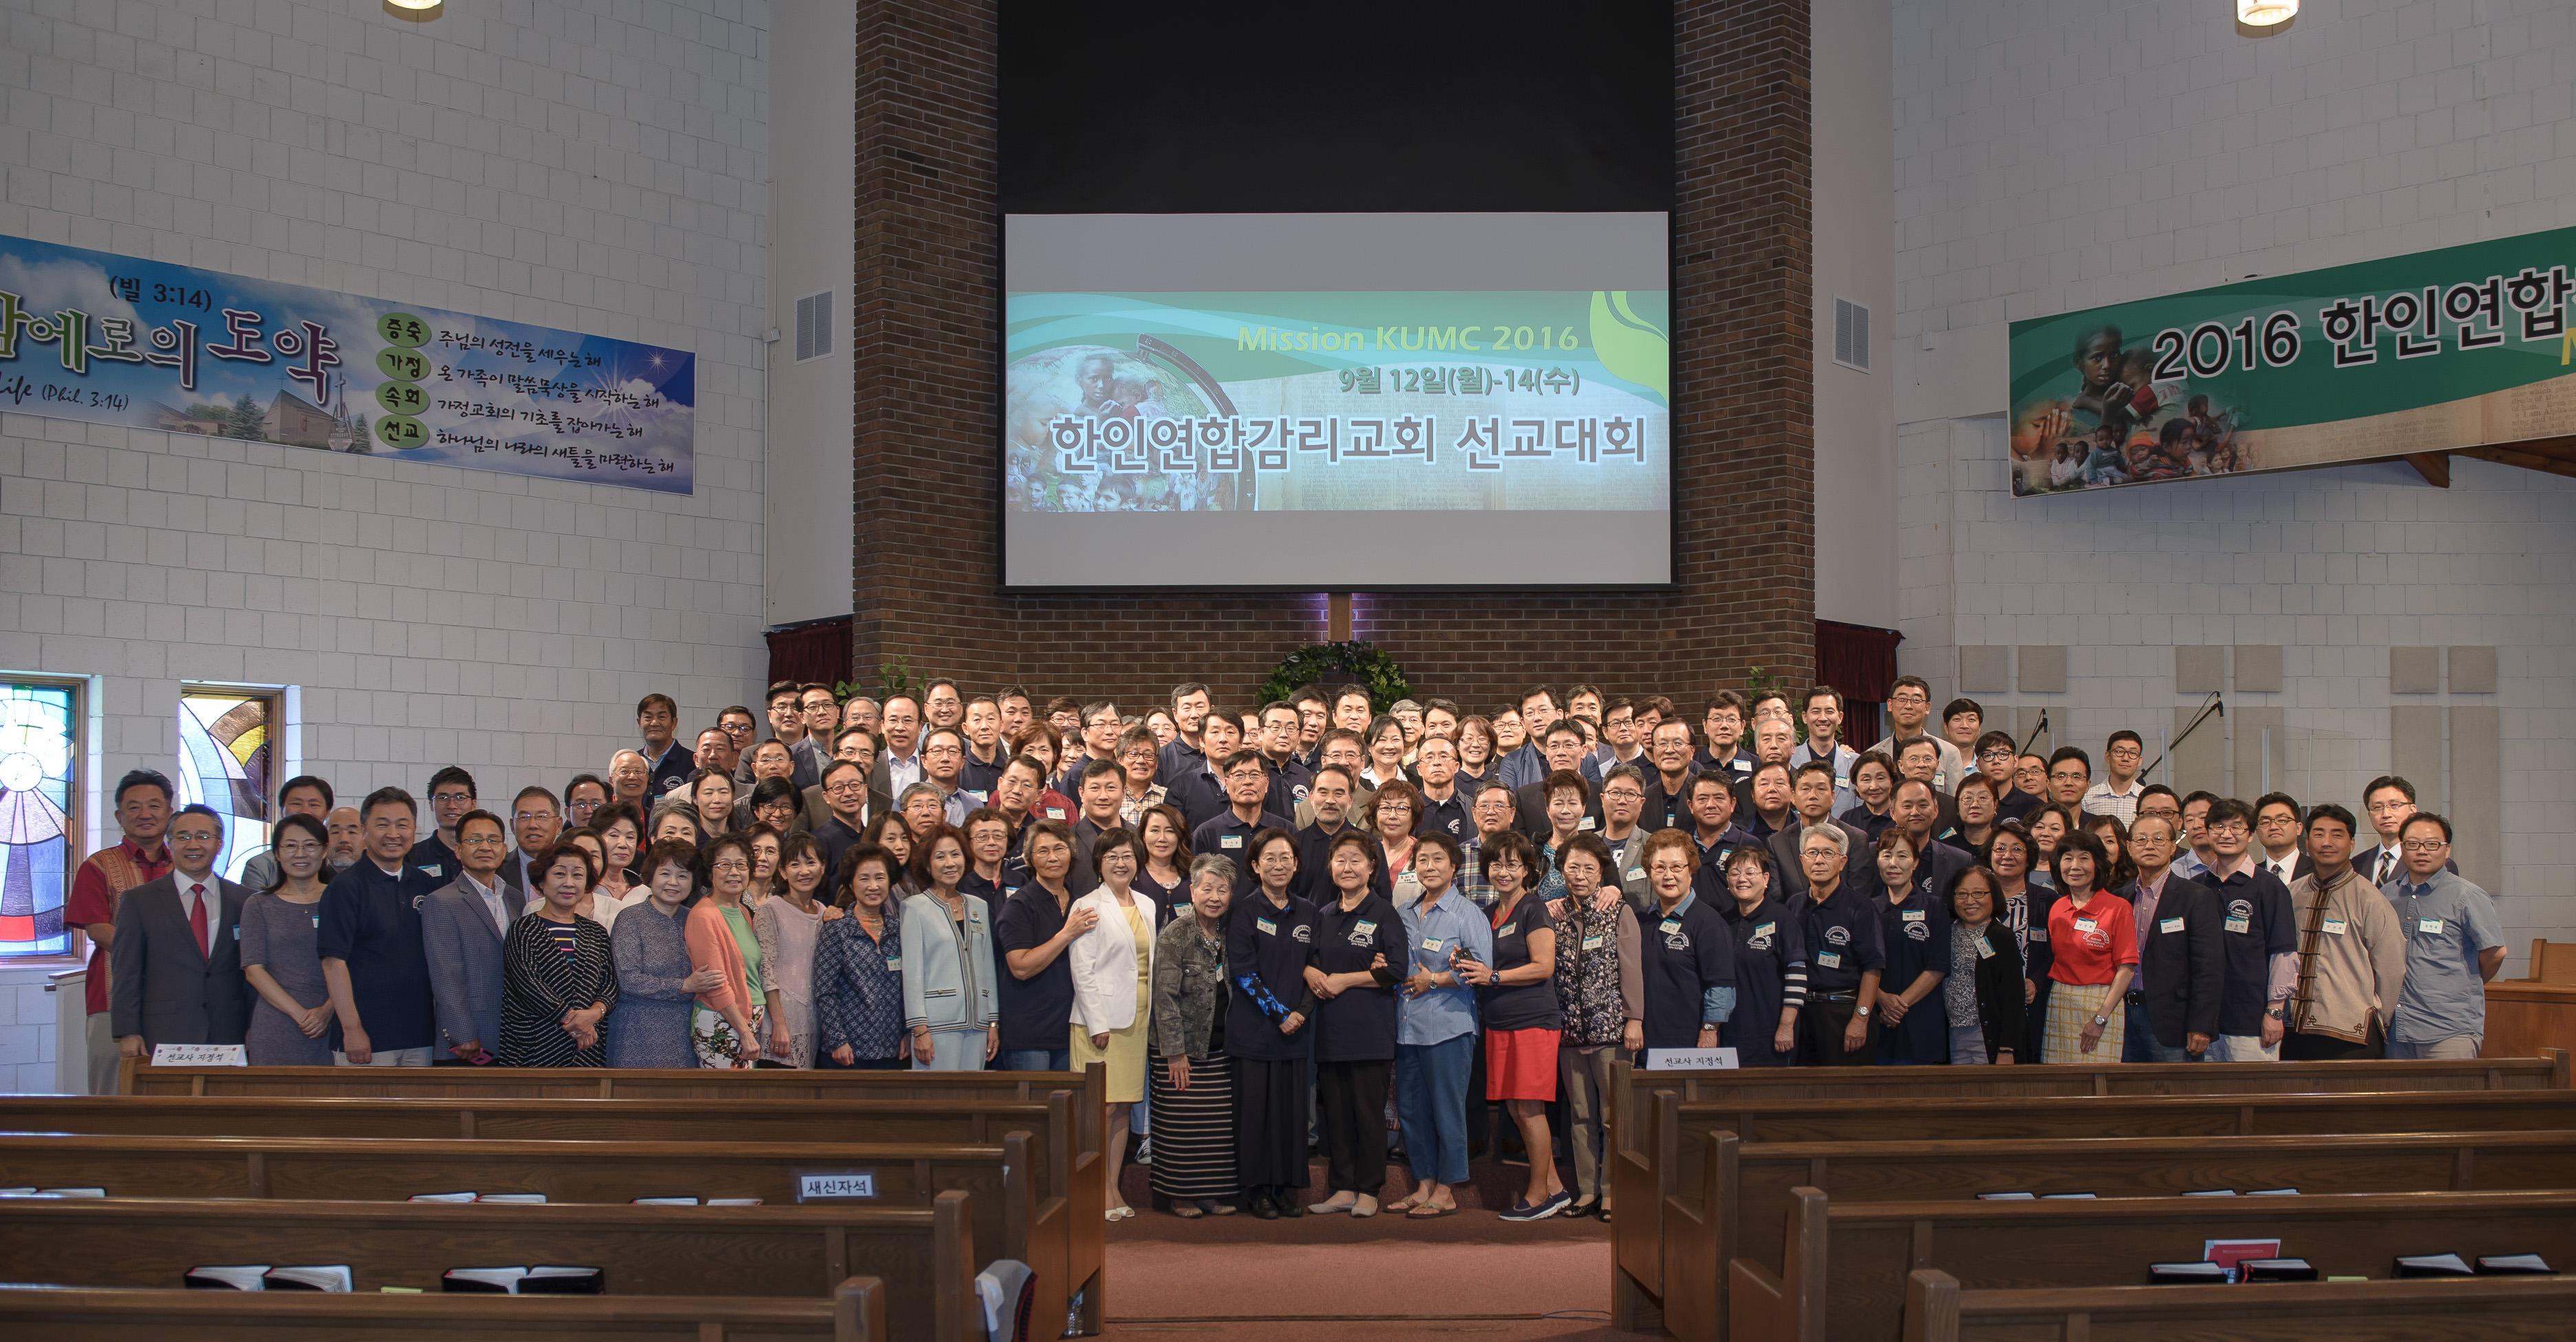 2016년 3월 디트로이트한인연합감리교회에서 열린 한인연합감리교회 선교대회 모습. 김유진 목사는 패널리스트로 패널 토의에 참여해 선교의 다음 단계에 관한 발표를 했다. 사진 출처, <섬기는 사람들> 2016년 10월 호.